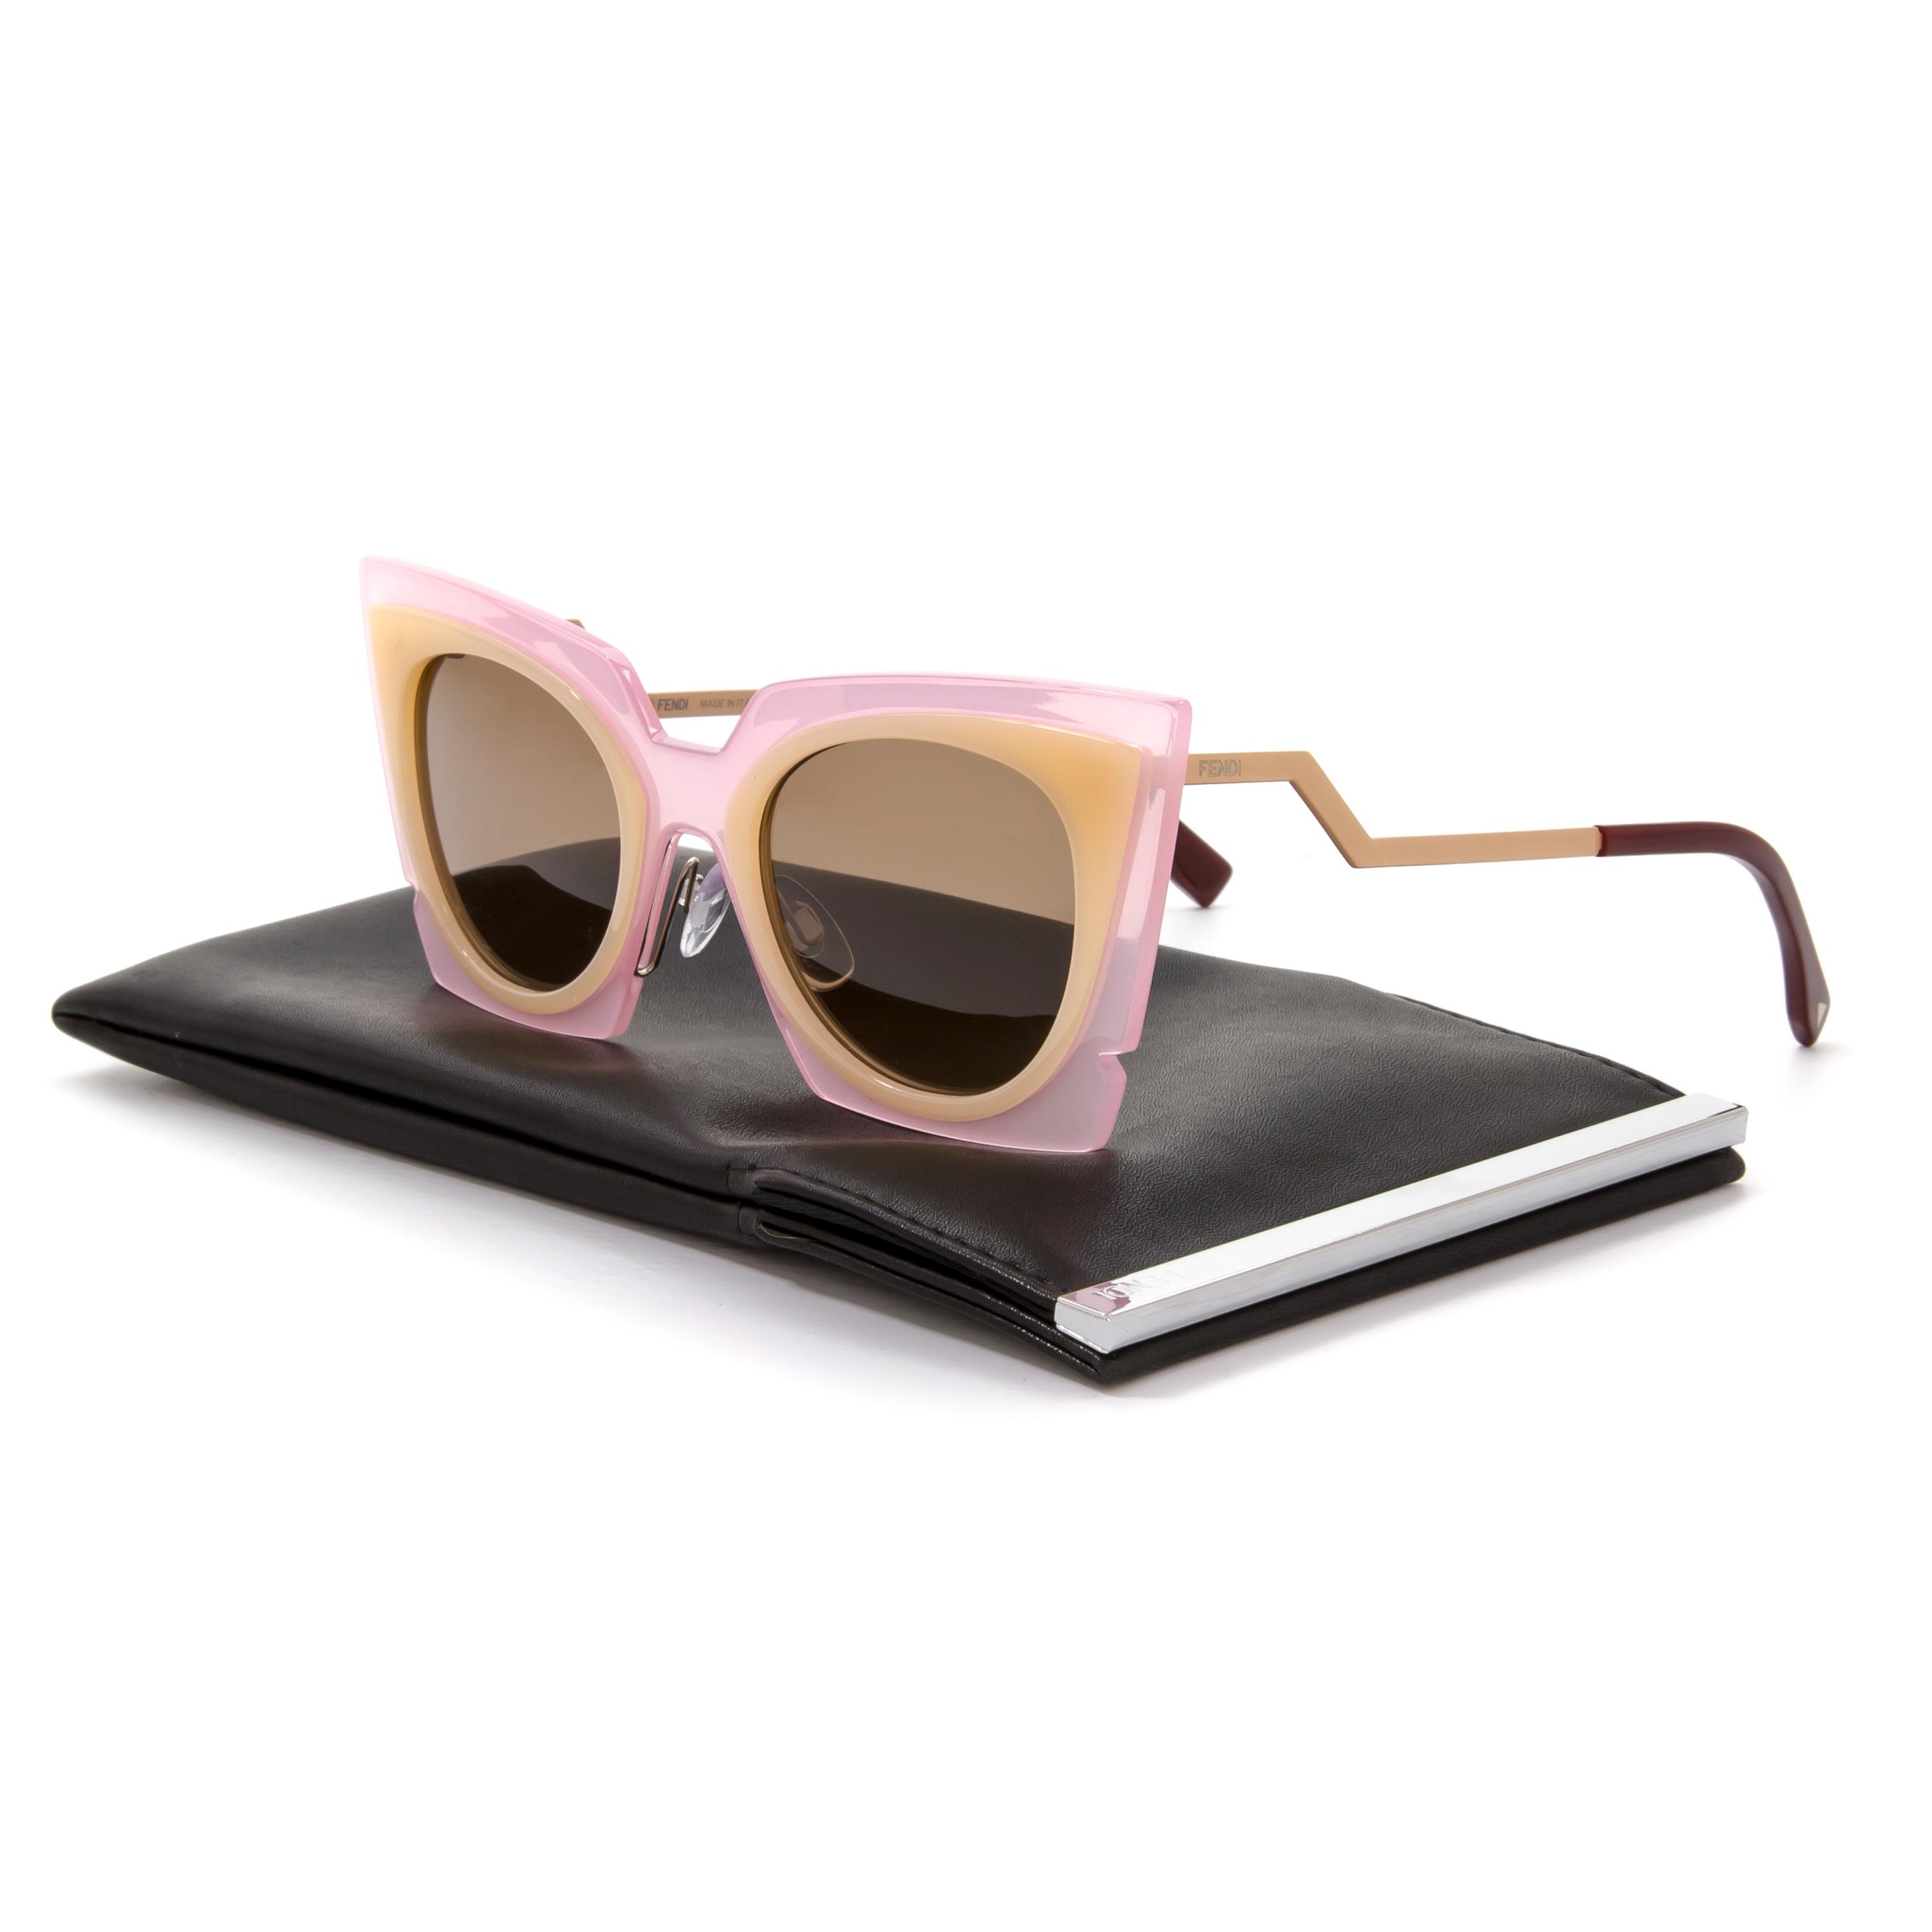 f7f2efb76a84 Fendi 0117 S Orchid Cat Eye Sunglasses LAQUT Pink   Peach   Tobacco ...